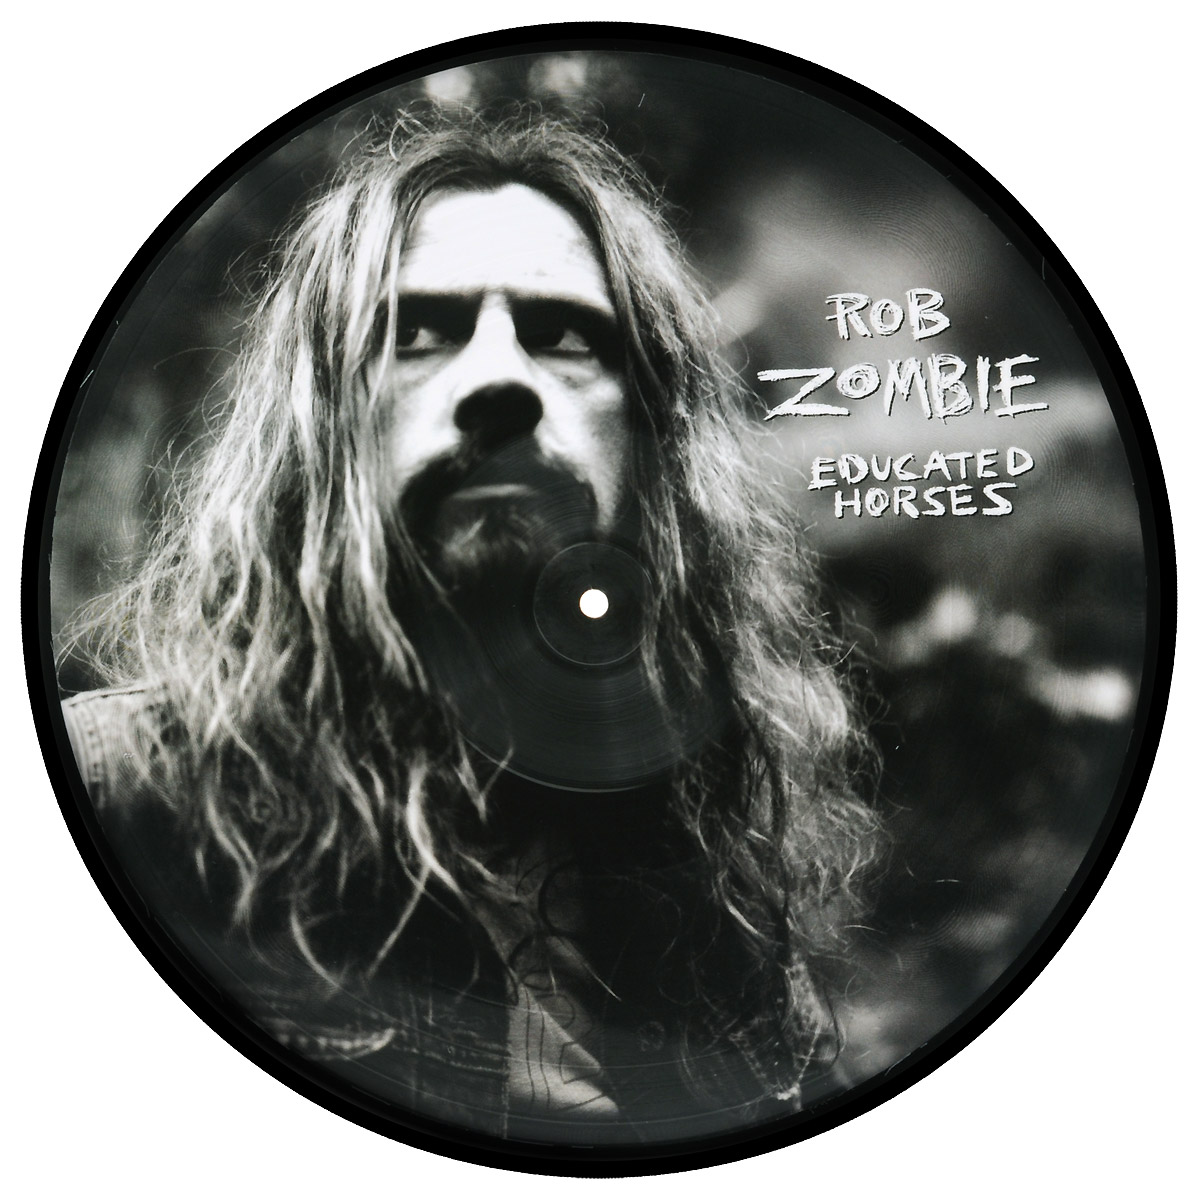 Роб Зомби Rob Zombie. Educated Horses (LP) rob zombie rob zombie zombie live 2 lp